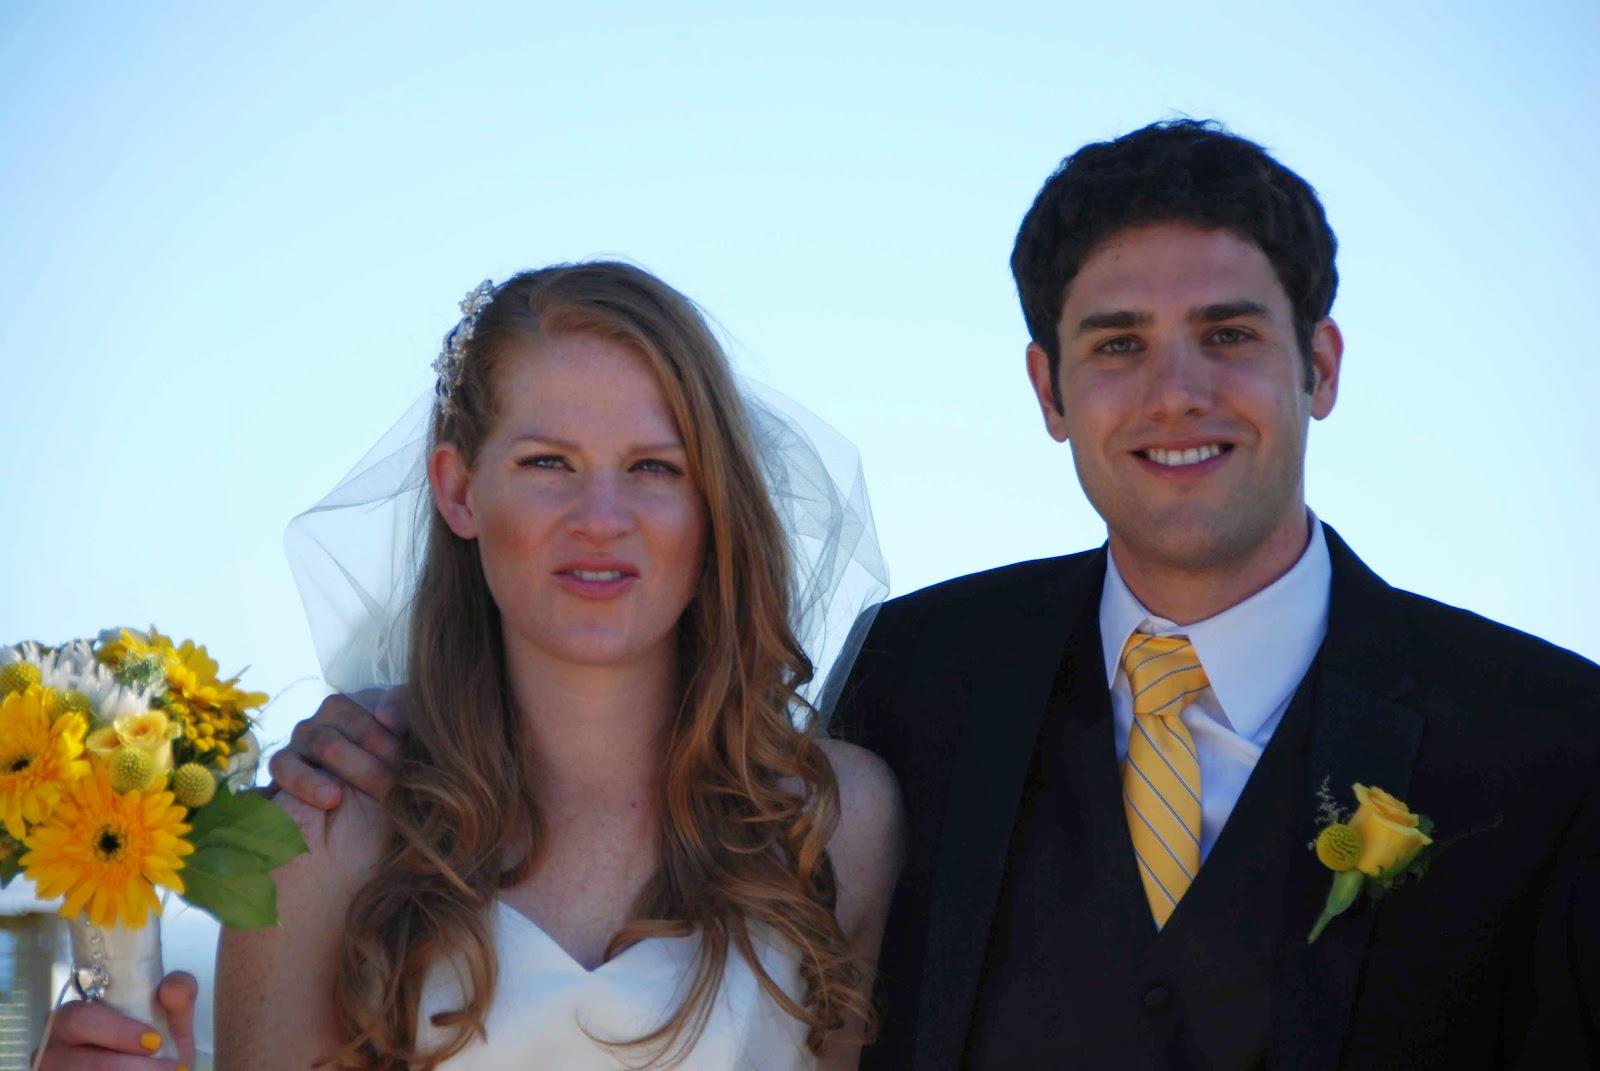 sail eagle'swings - punta gorda life: ben & addie's wedding day, 8/1